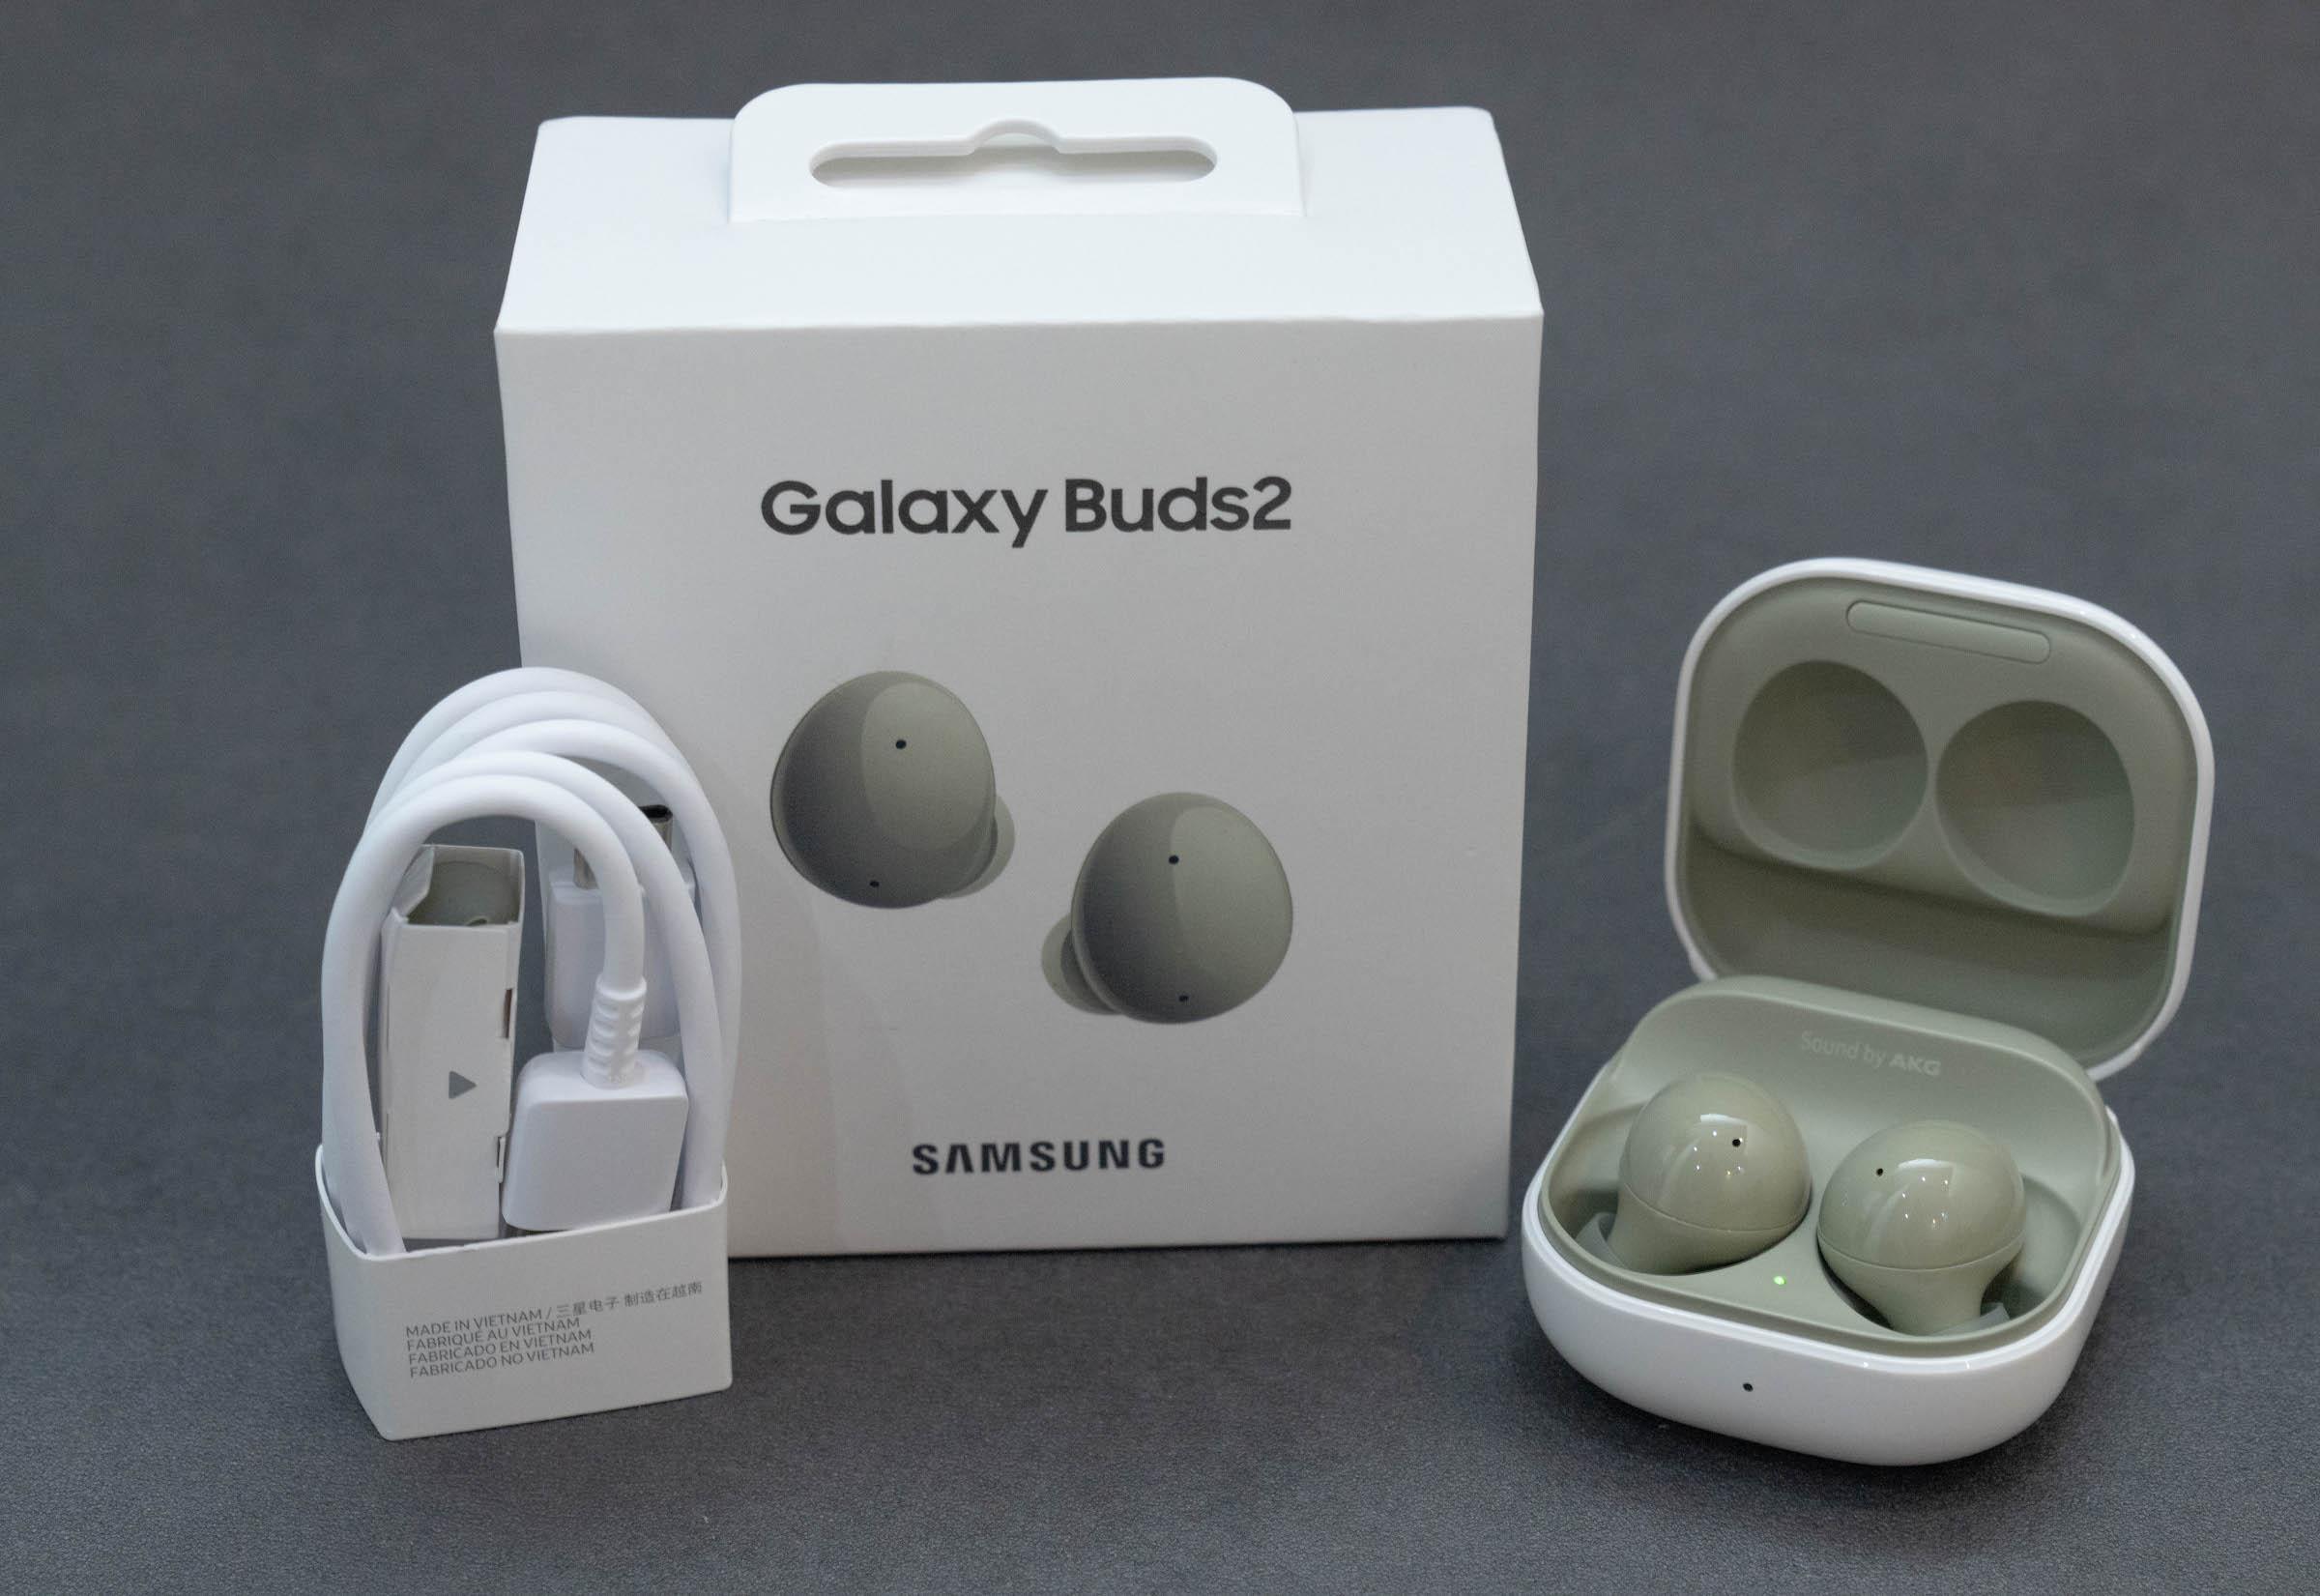 Galaxy Buds 2 với thiết kế nhỏ gọn cùng nhiều màu sắc trẻ trung. Ảnh: Huy Đức